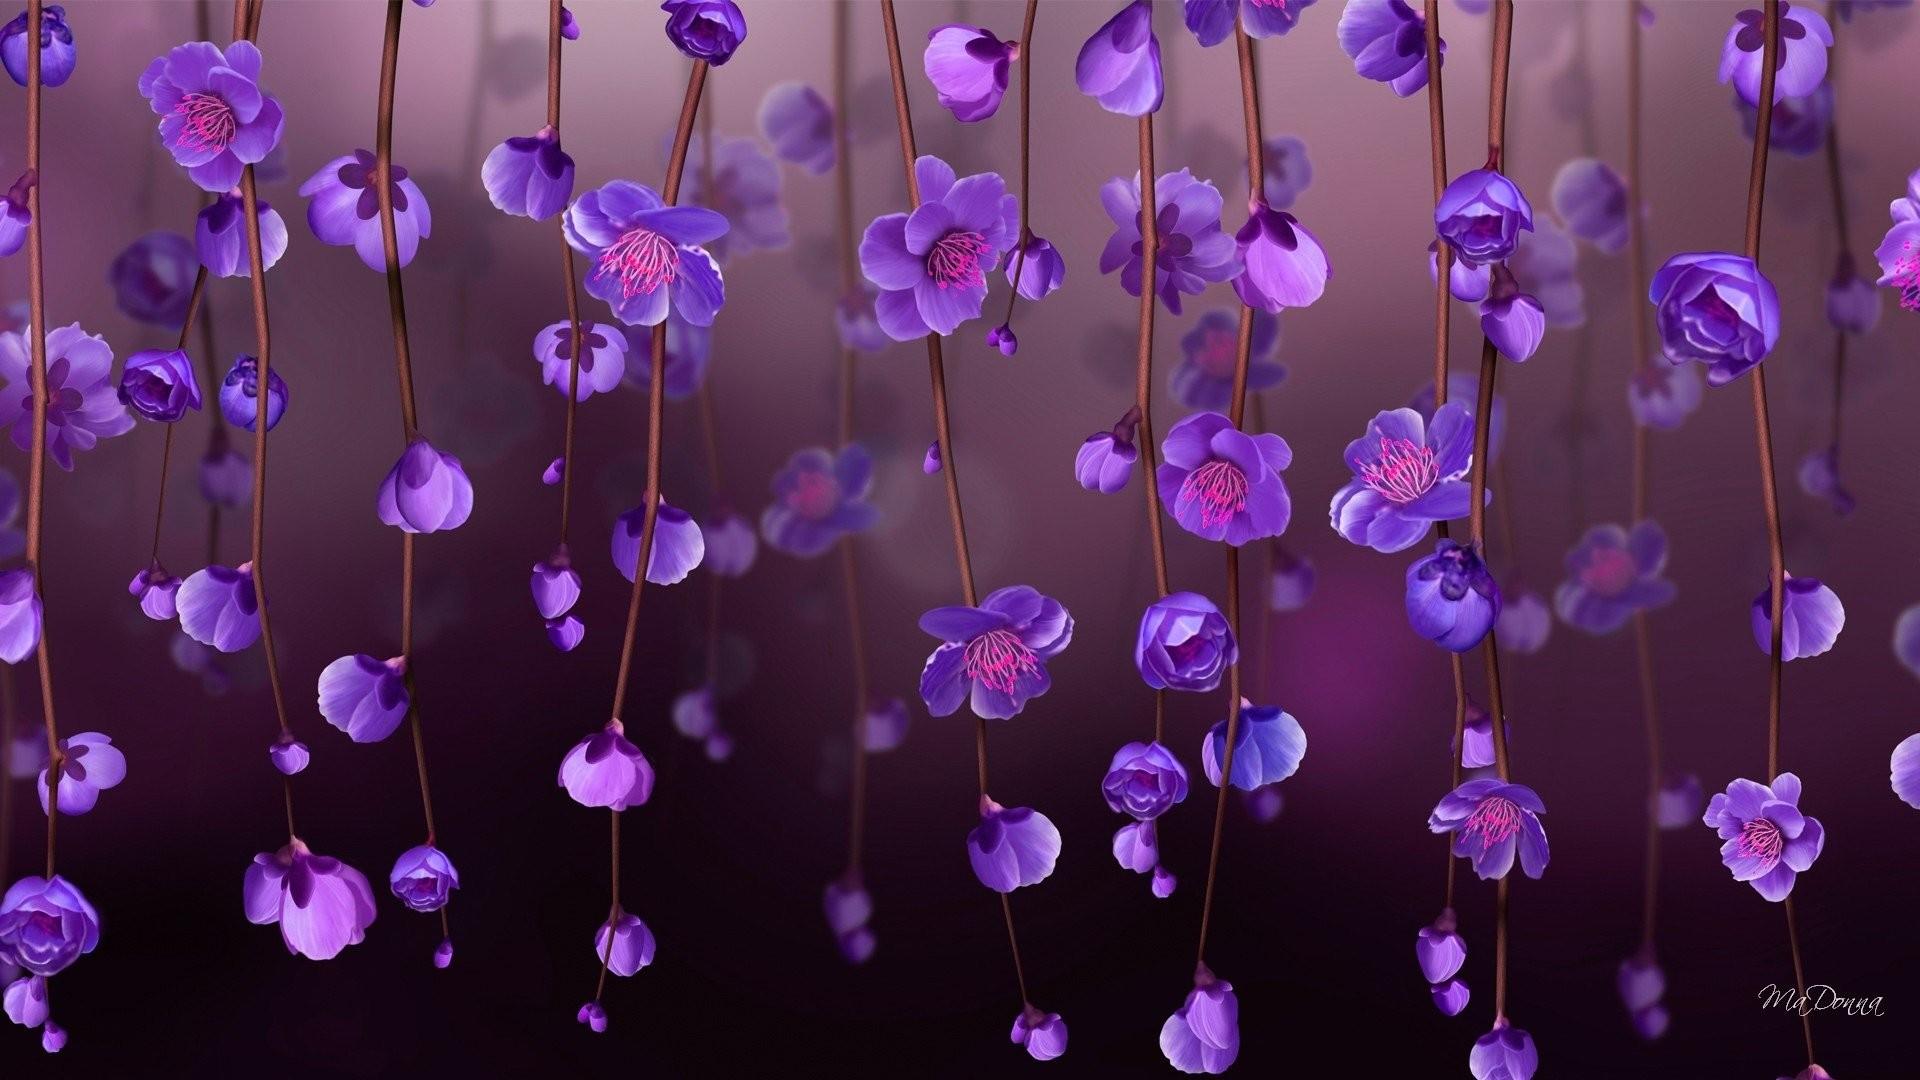 purple flowers wallpaper 183��